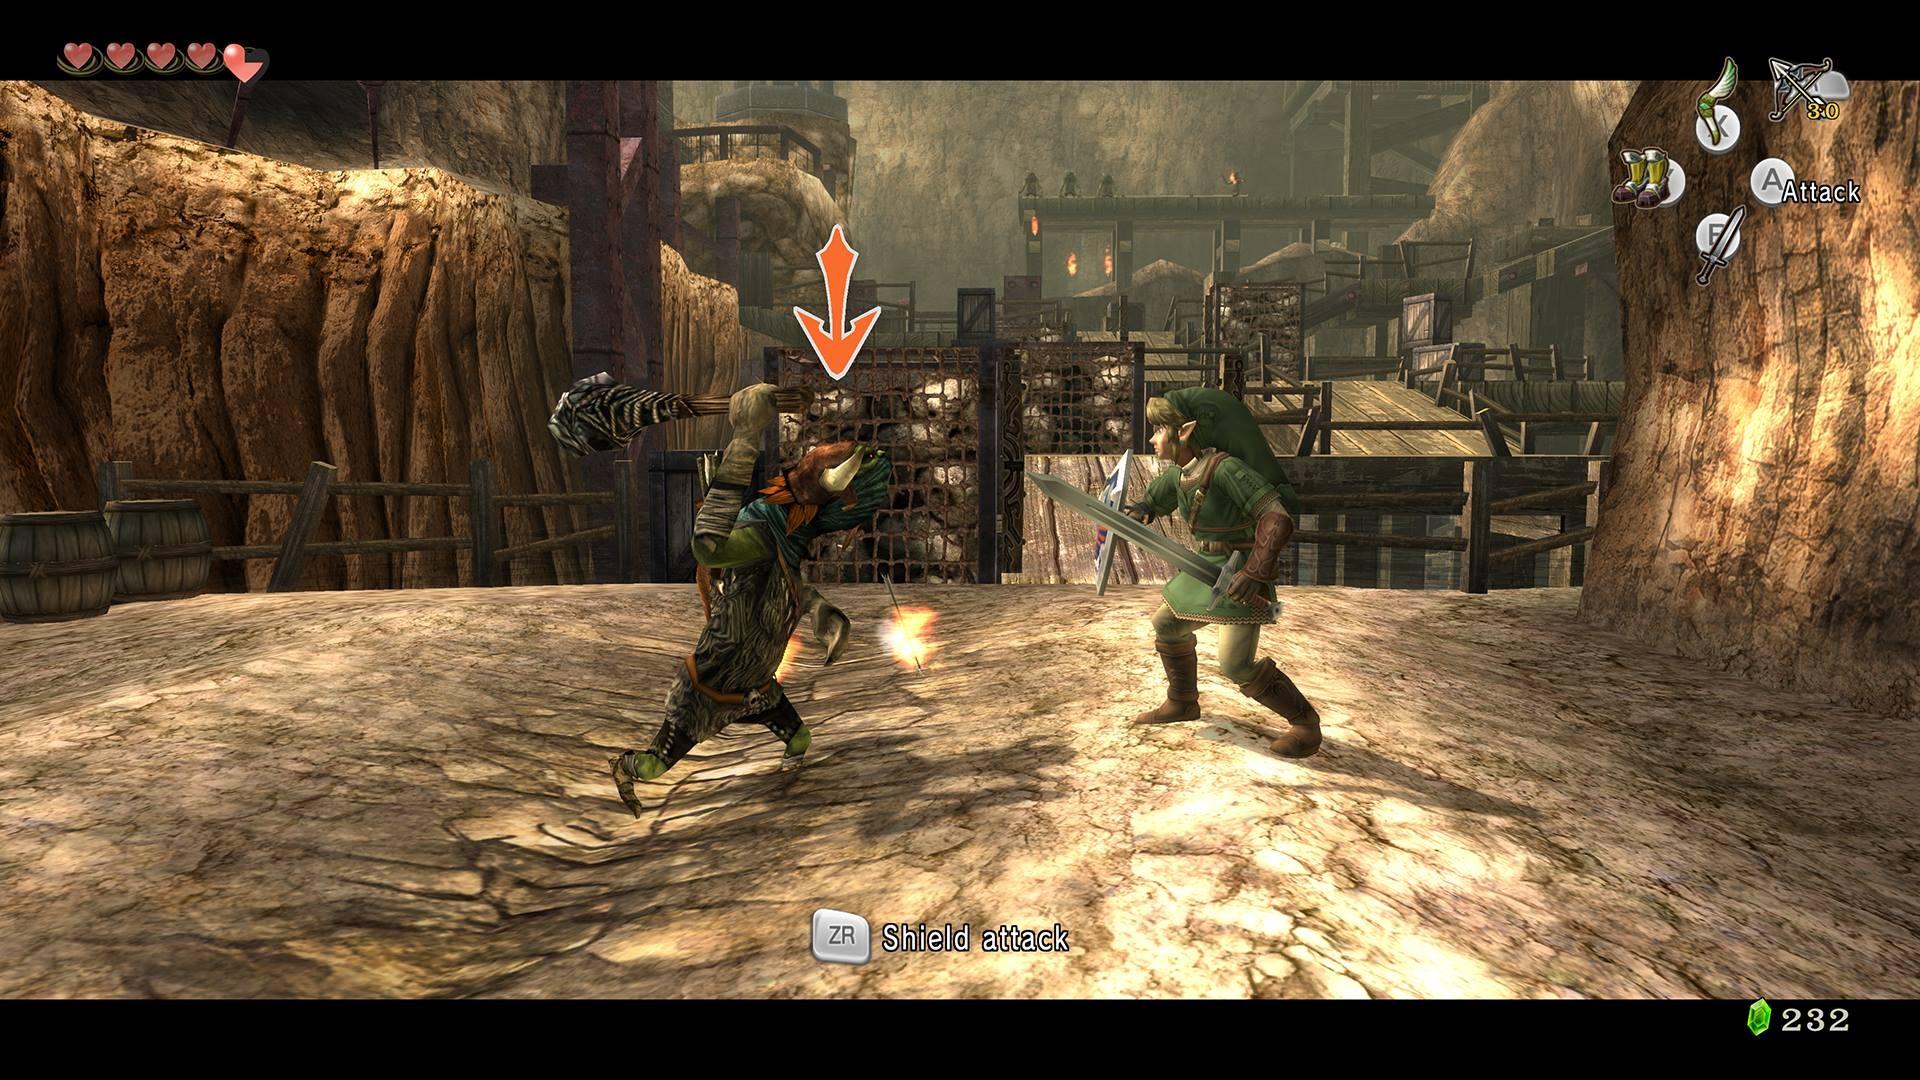 Nintendo muestra fotos de minas goron, mapa y más de Twilight Princess HD